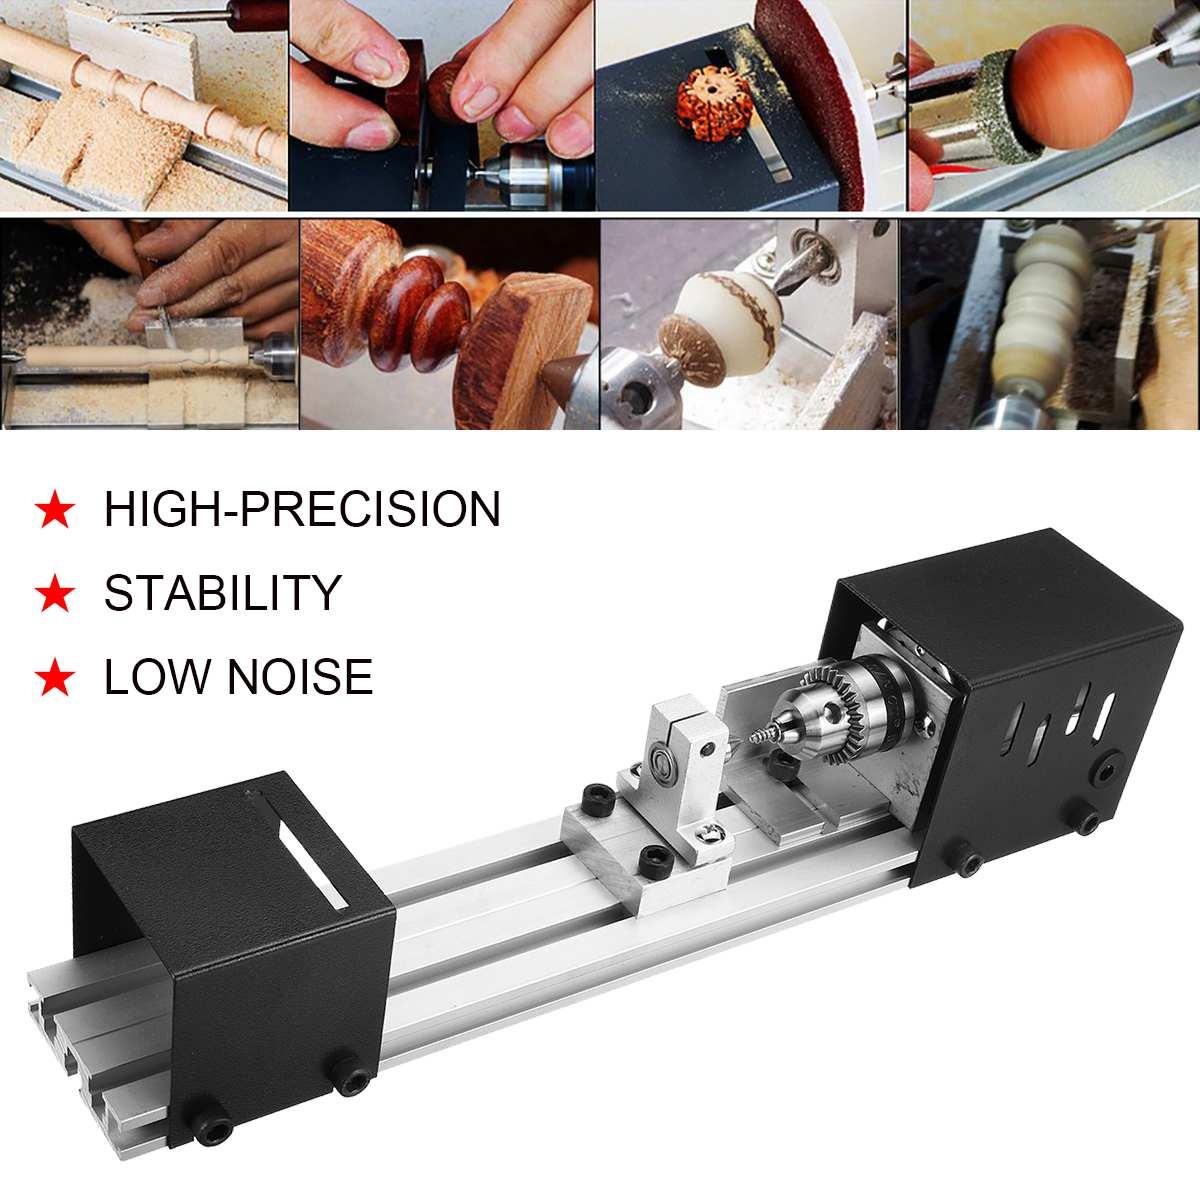 100W Mini Drehmaschine Perlen Maschine DIY Holzbearbeitung Drehmaschine Polieren Schleifen Bohrer Werkzeug Carving Cutter Holz Drehmaschine Polieren Bohrer Werkzeug